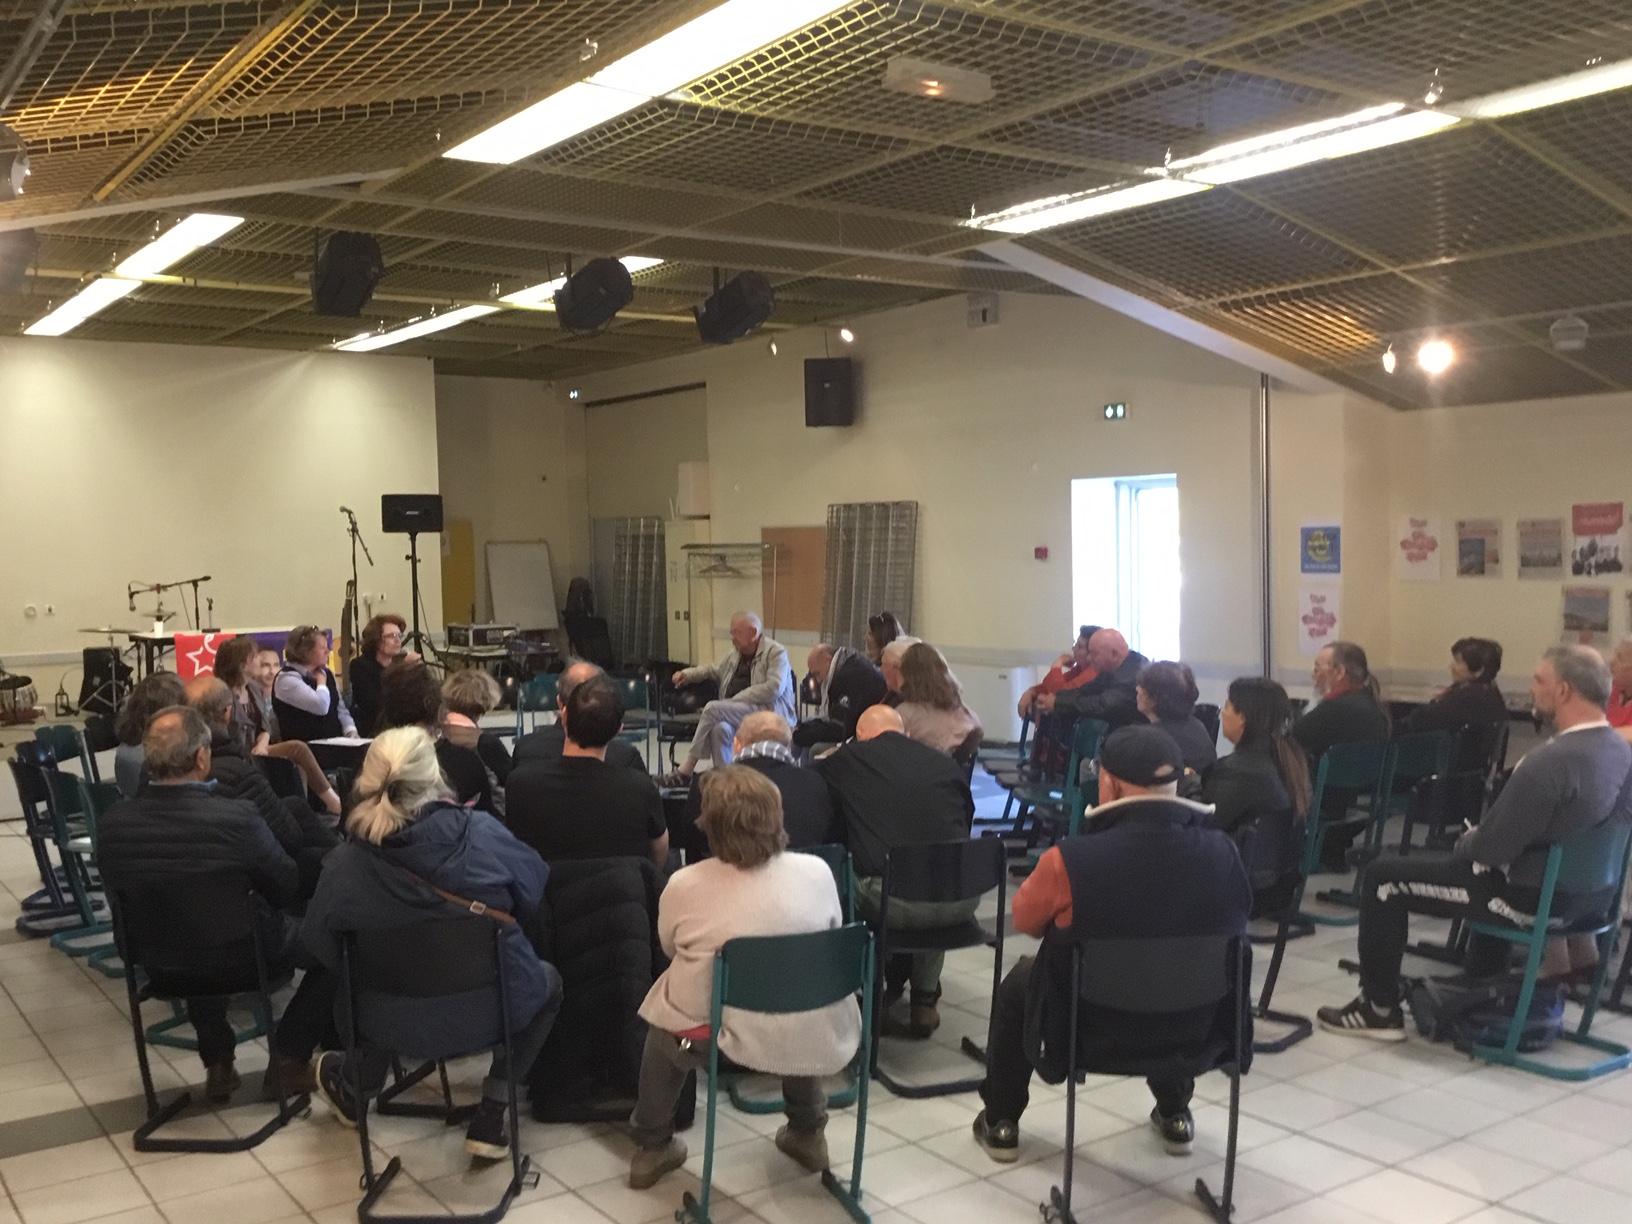 (5) Européennes 26 mai 2019 : Rencontre débat à Antibes avec  Marie Christine Vergiat, députée Européenne, Patricia Tejas, candidate et Cécile Dumas, conseillère municipale  sur les enjeux de l'élection